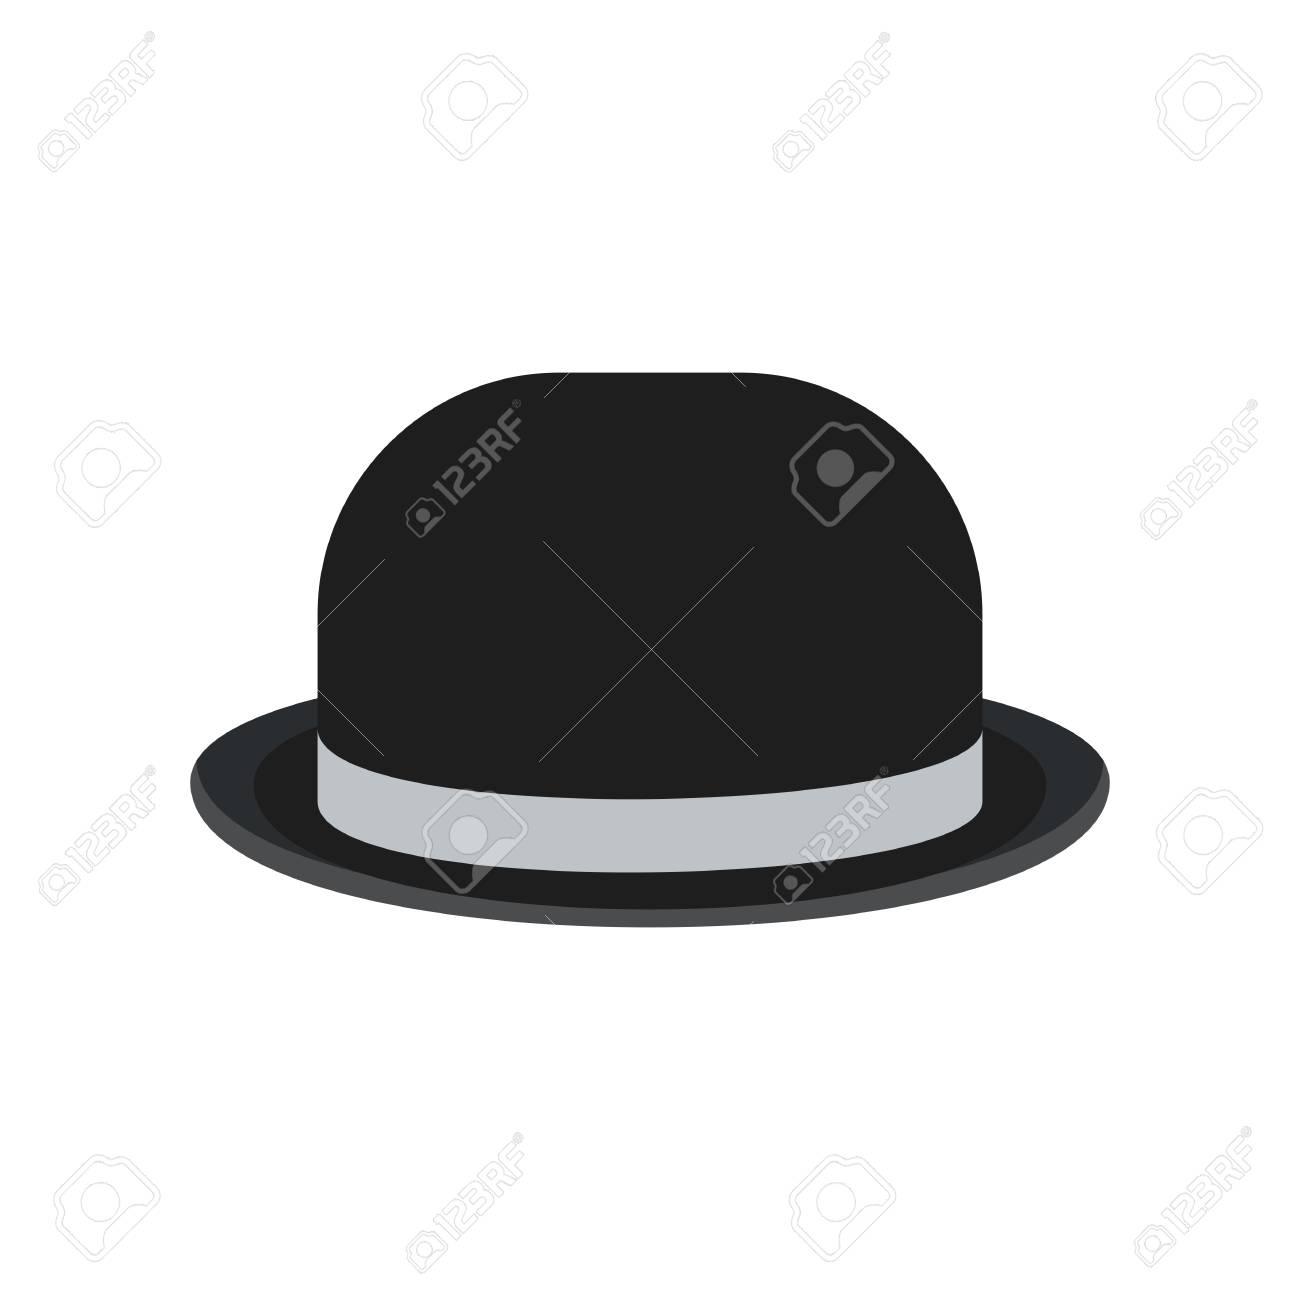 cd3e700ee Banque d'images - Chapeau melon homme vintage rétro noir pour messieurs.  Illustration de dessin animé de vector plate Objets isolés sur fond blanc